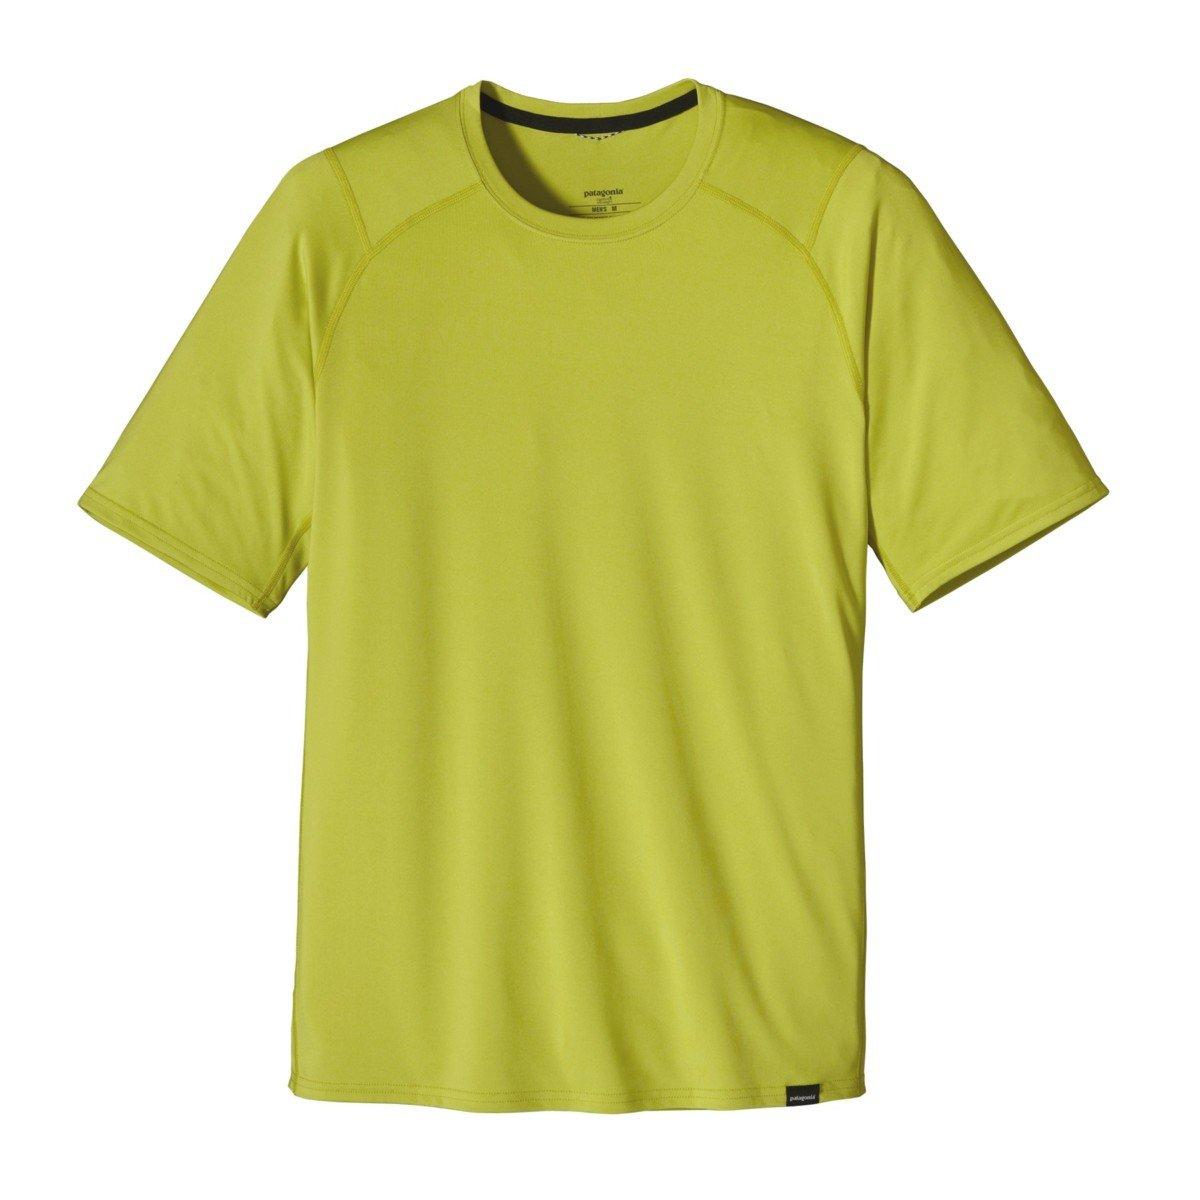 prix de liquidation vente chaude réel gros en ligne Patagonia Capilene silkweight T shirt, maillot thermique homme.